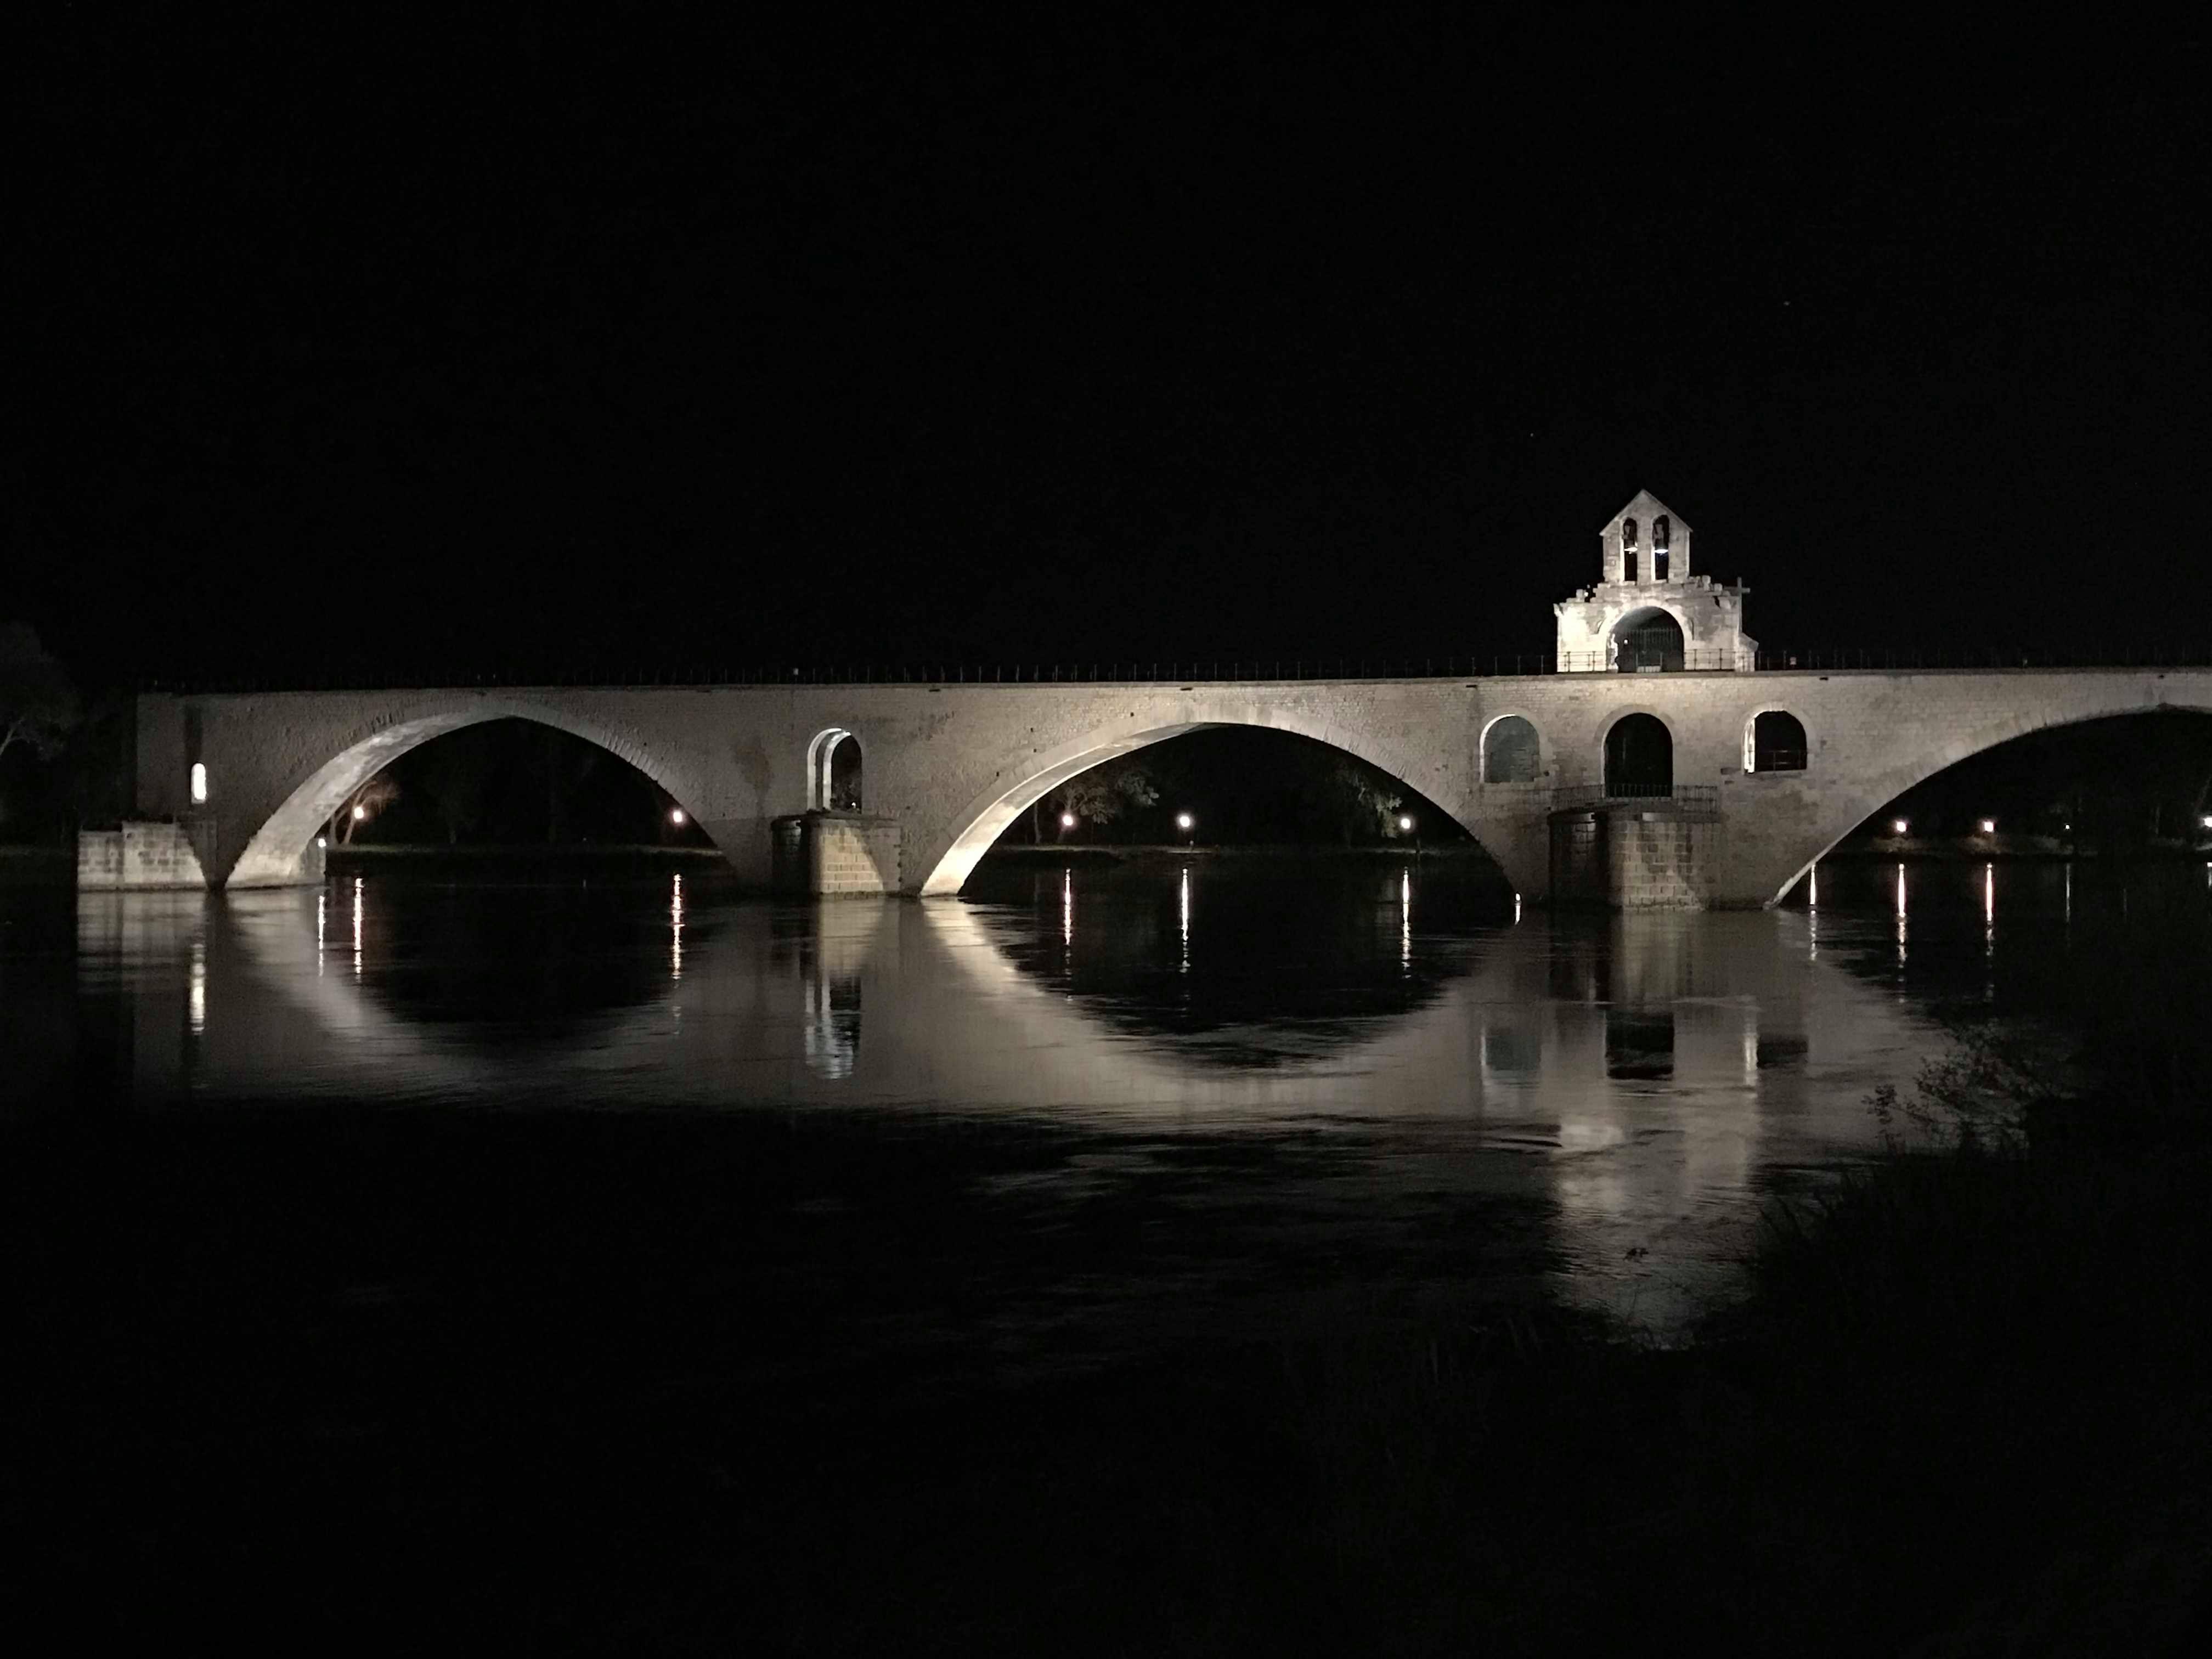 (Français) Le pont d'Avignon, comment un pont cassé est-il devenu célèbre?